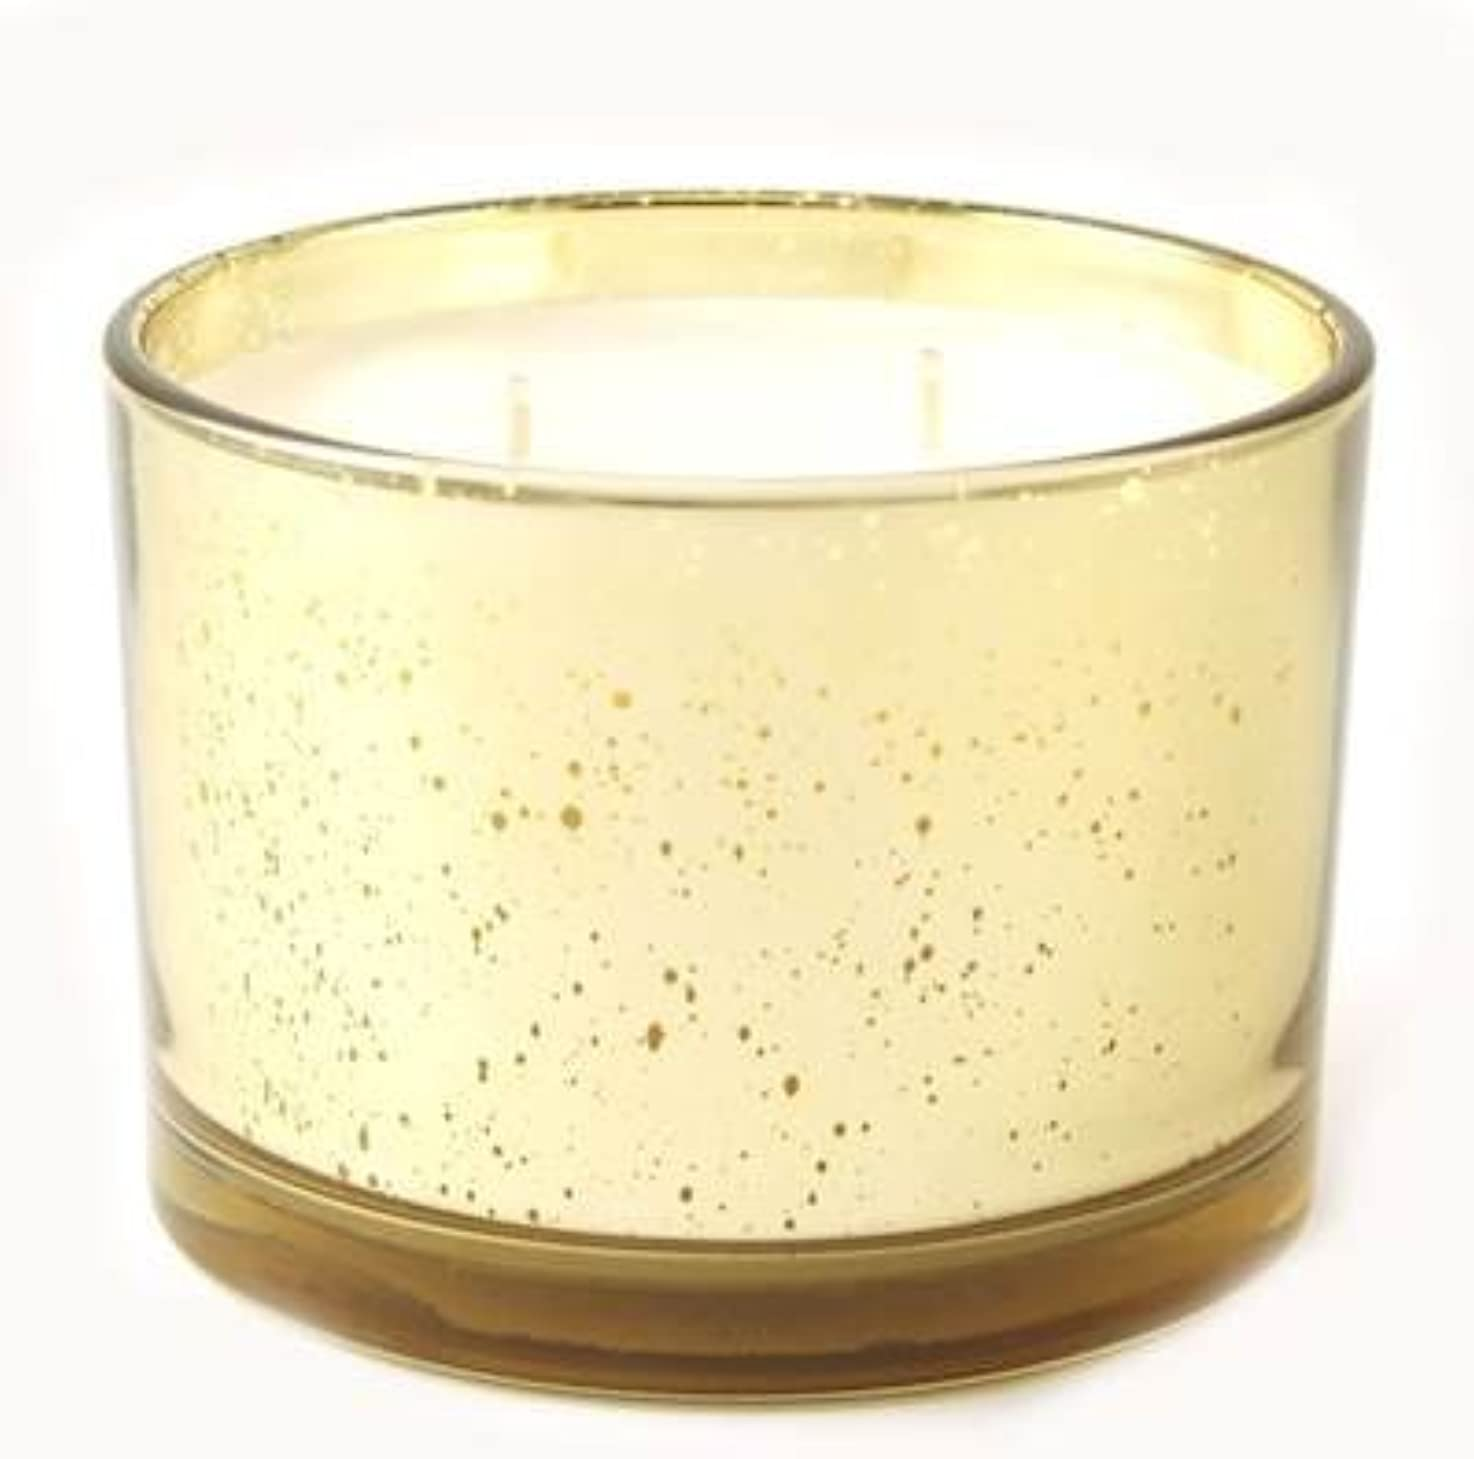 隠豪華な家庭教師アップルサイダーTyler Statureゴールドonゴールド16oz香りつきJar Candle